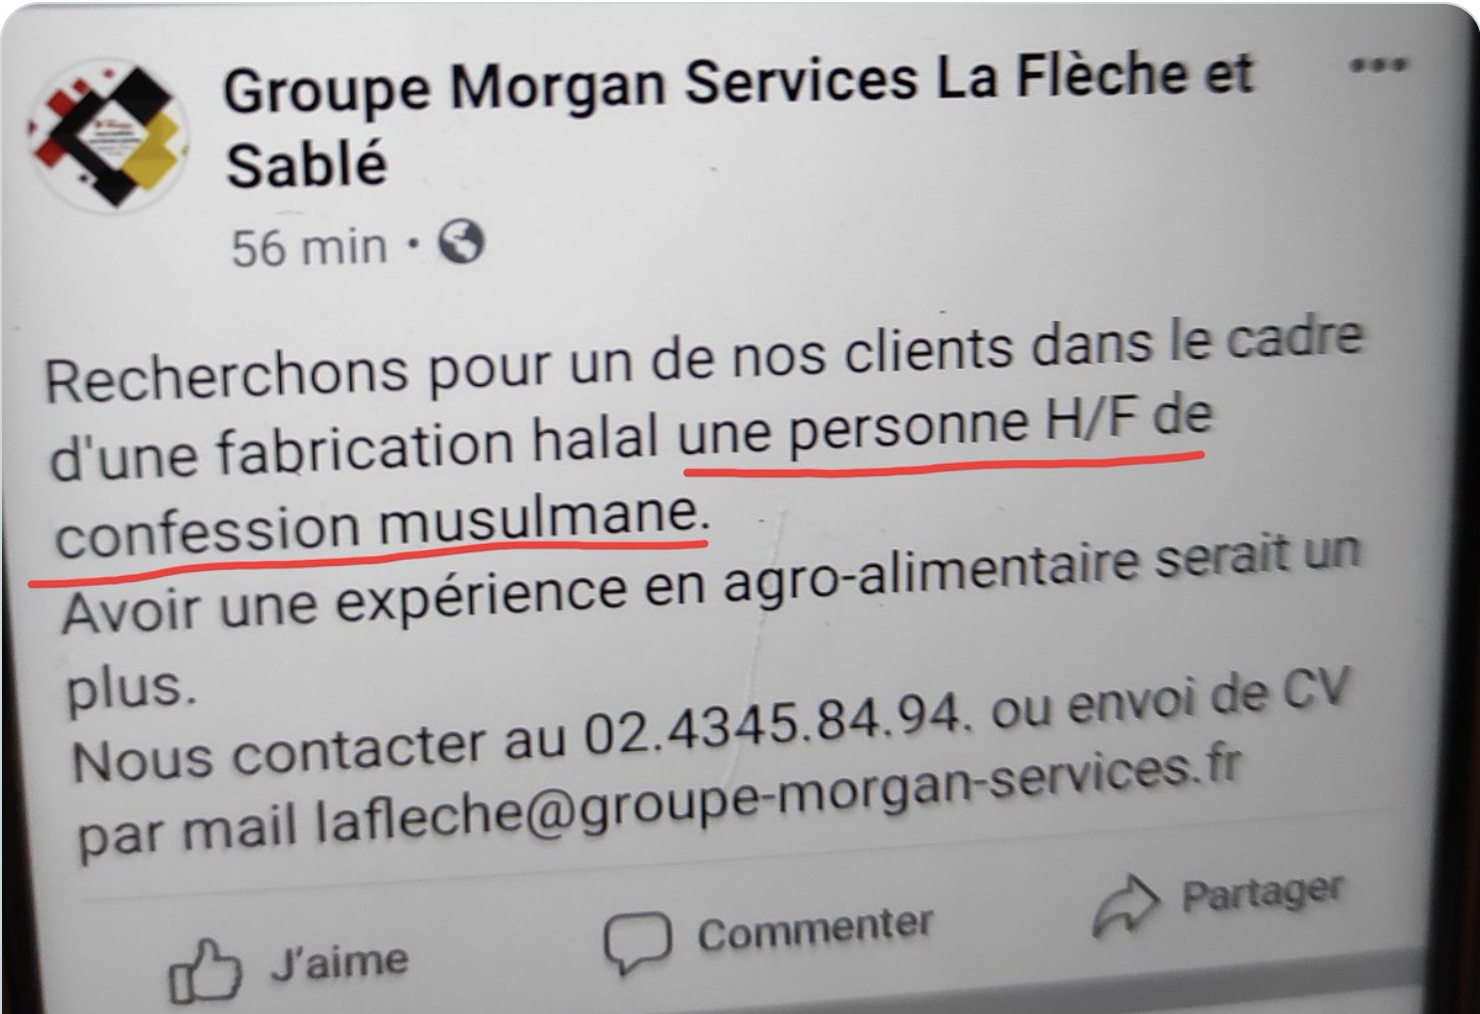 Califat de La Flèche : l'agence de travail temporaire Morgan Services discrimine ouvertement les chrétiens et les non-croyants